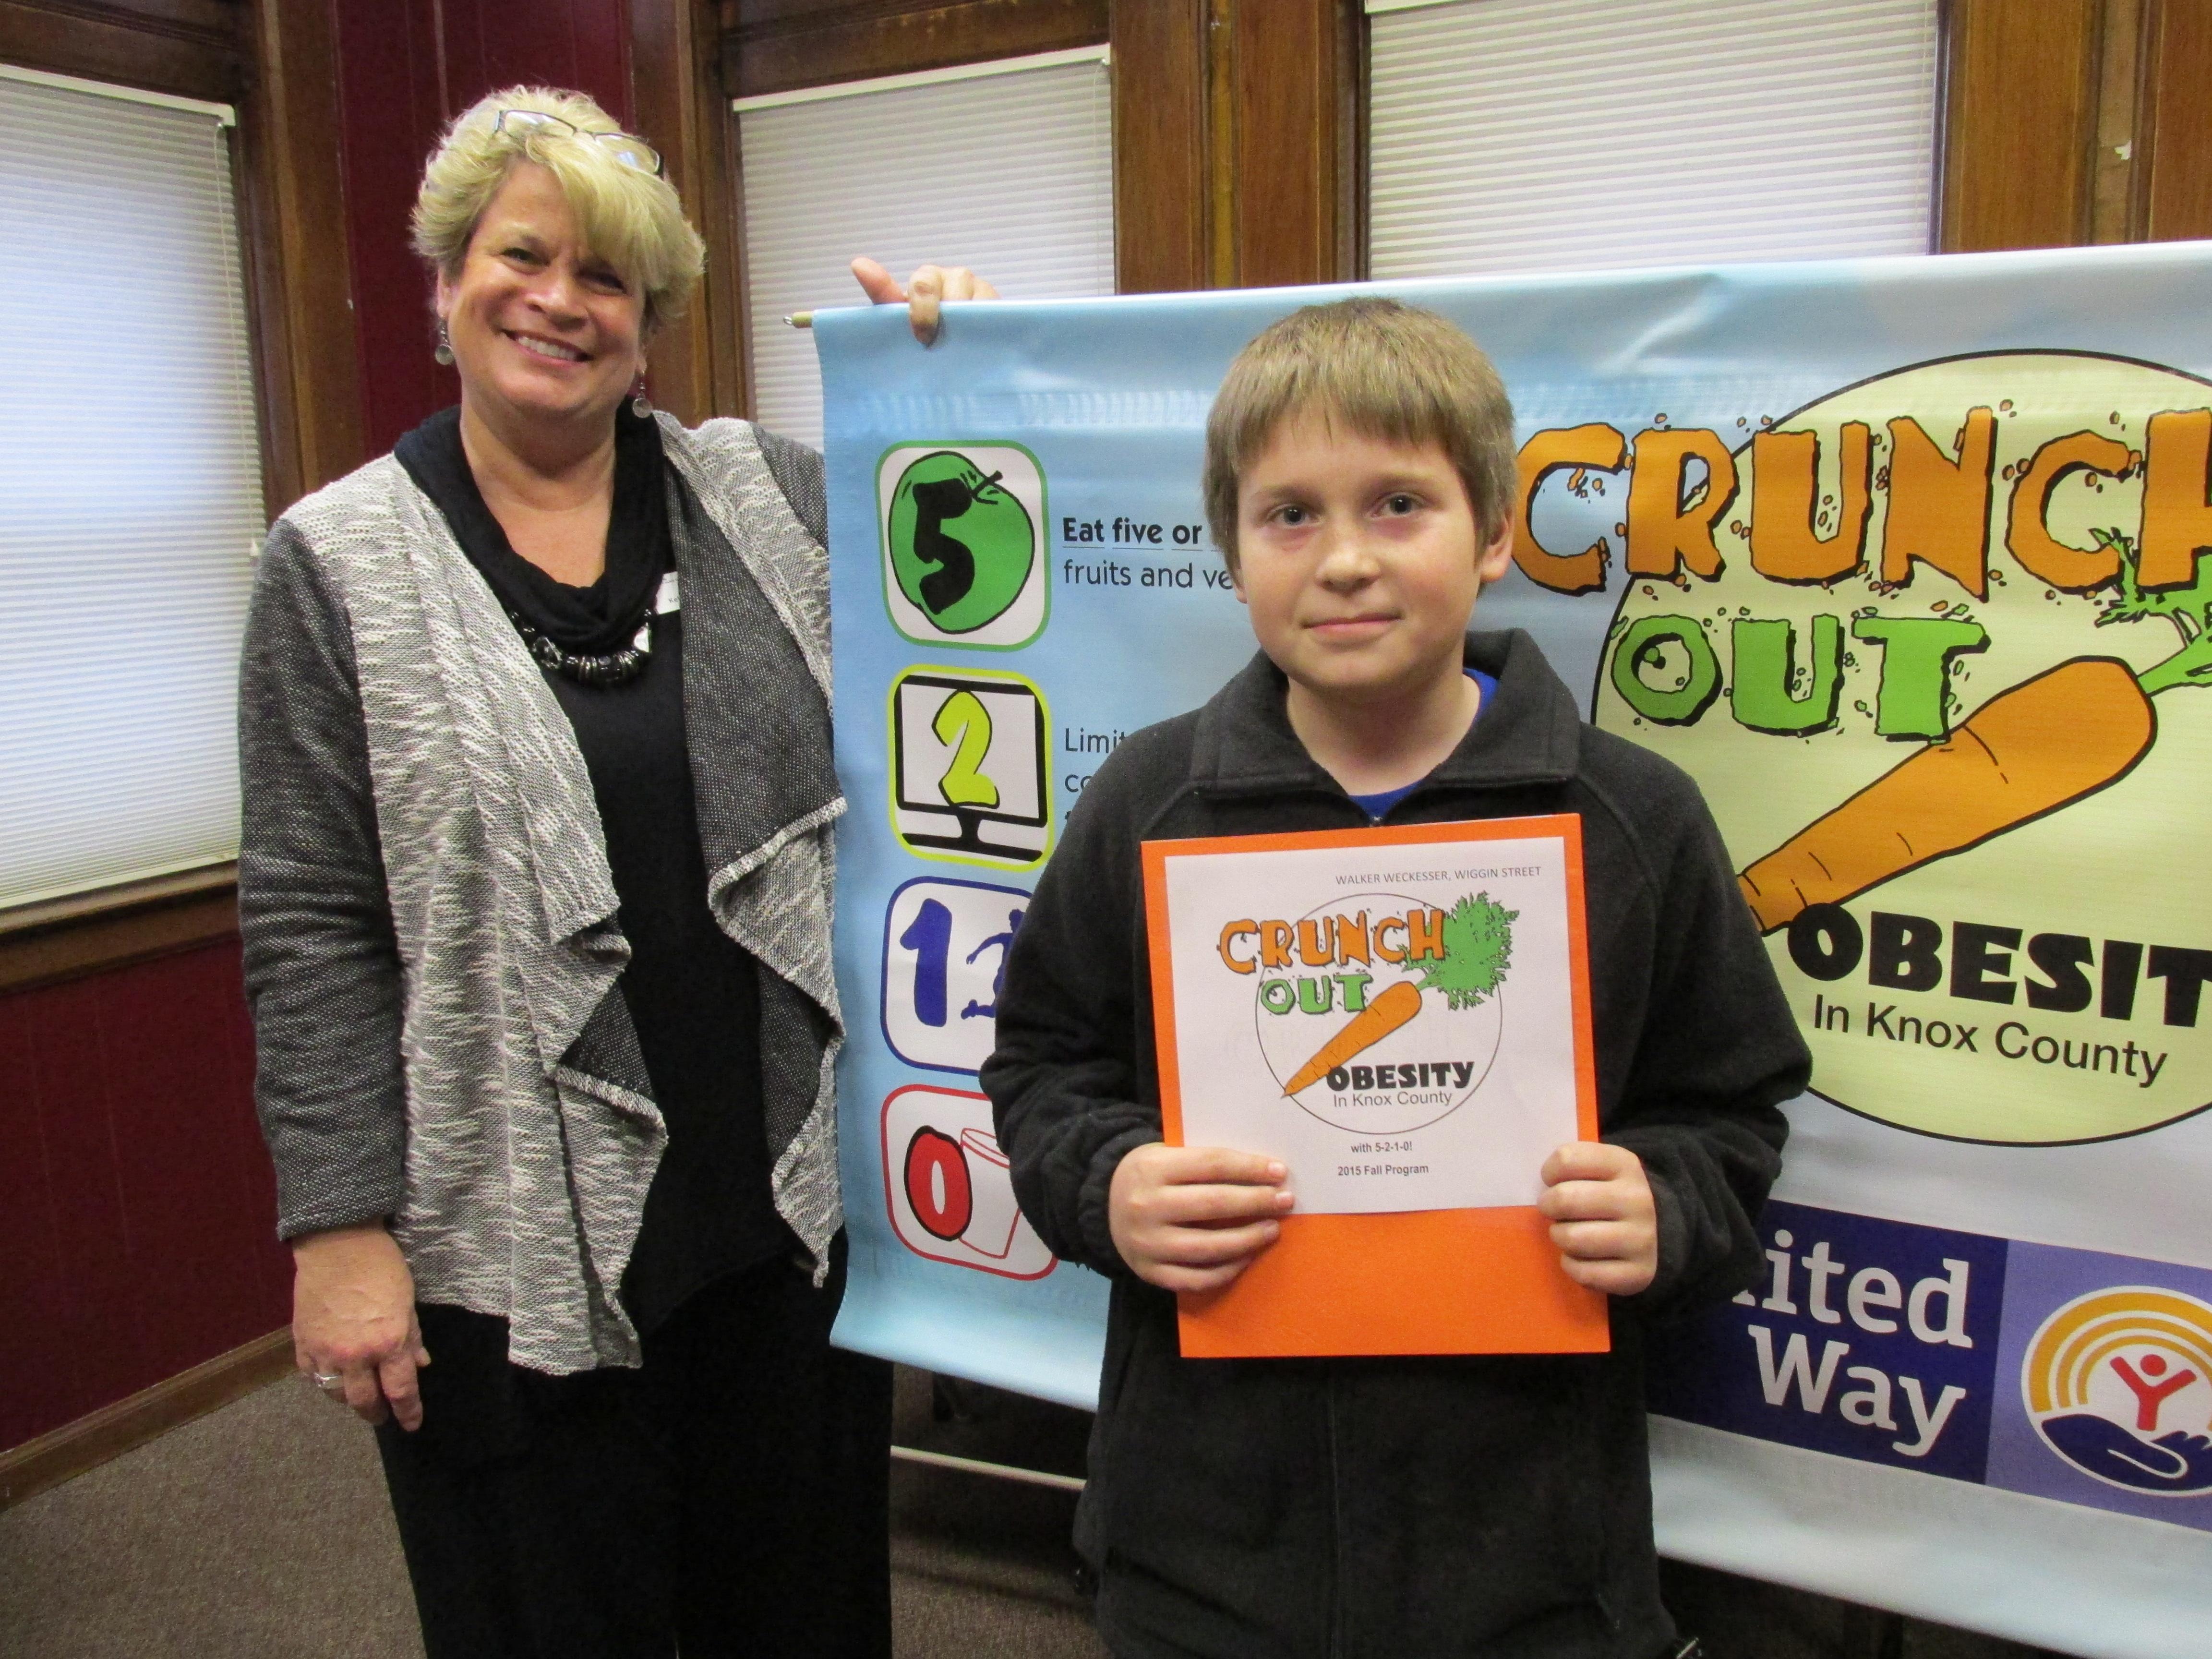 Walker Weckesser - Mrs. Sabo's classroom winner from Wiggin Street with Kelly Brenneman of United Way